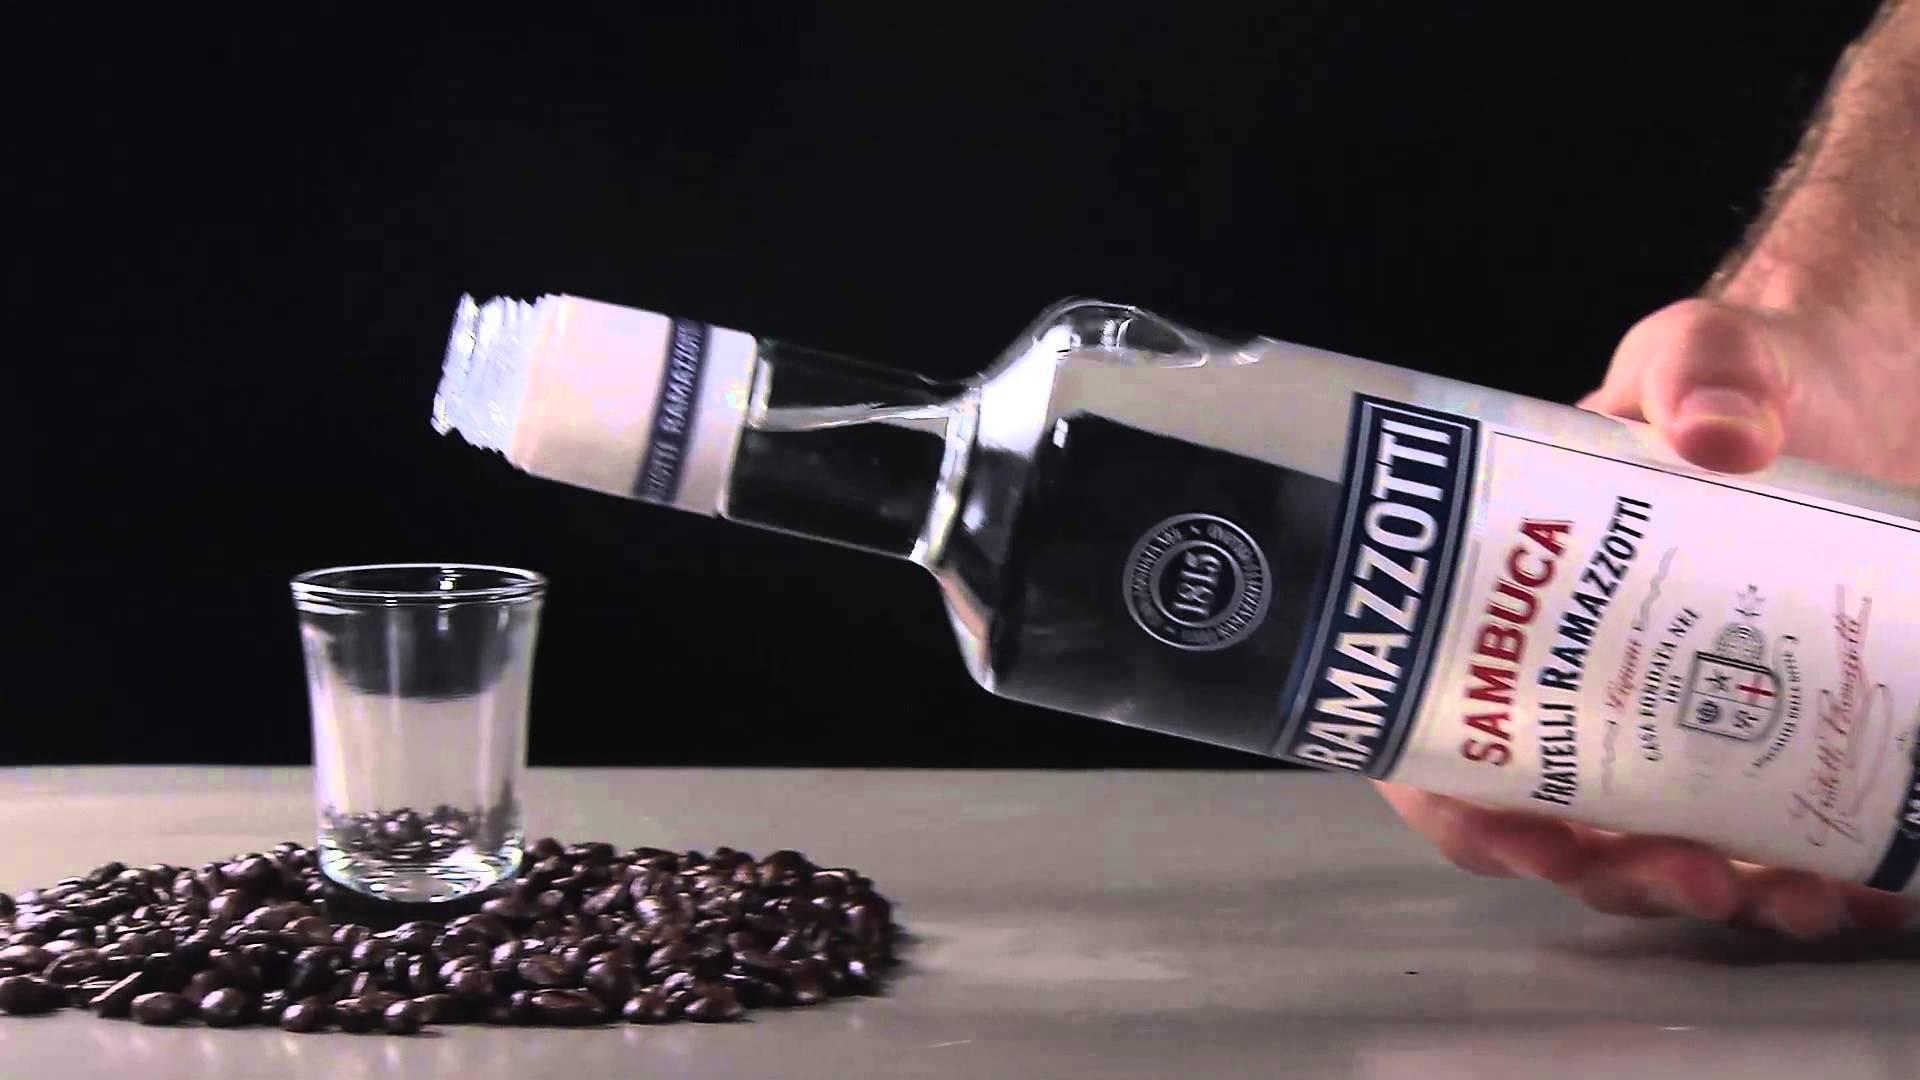 Самбука: что это за напиток, как правильно пить, чем запивать, лучшие марки